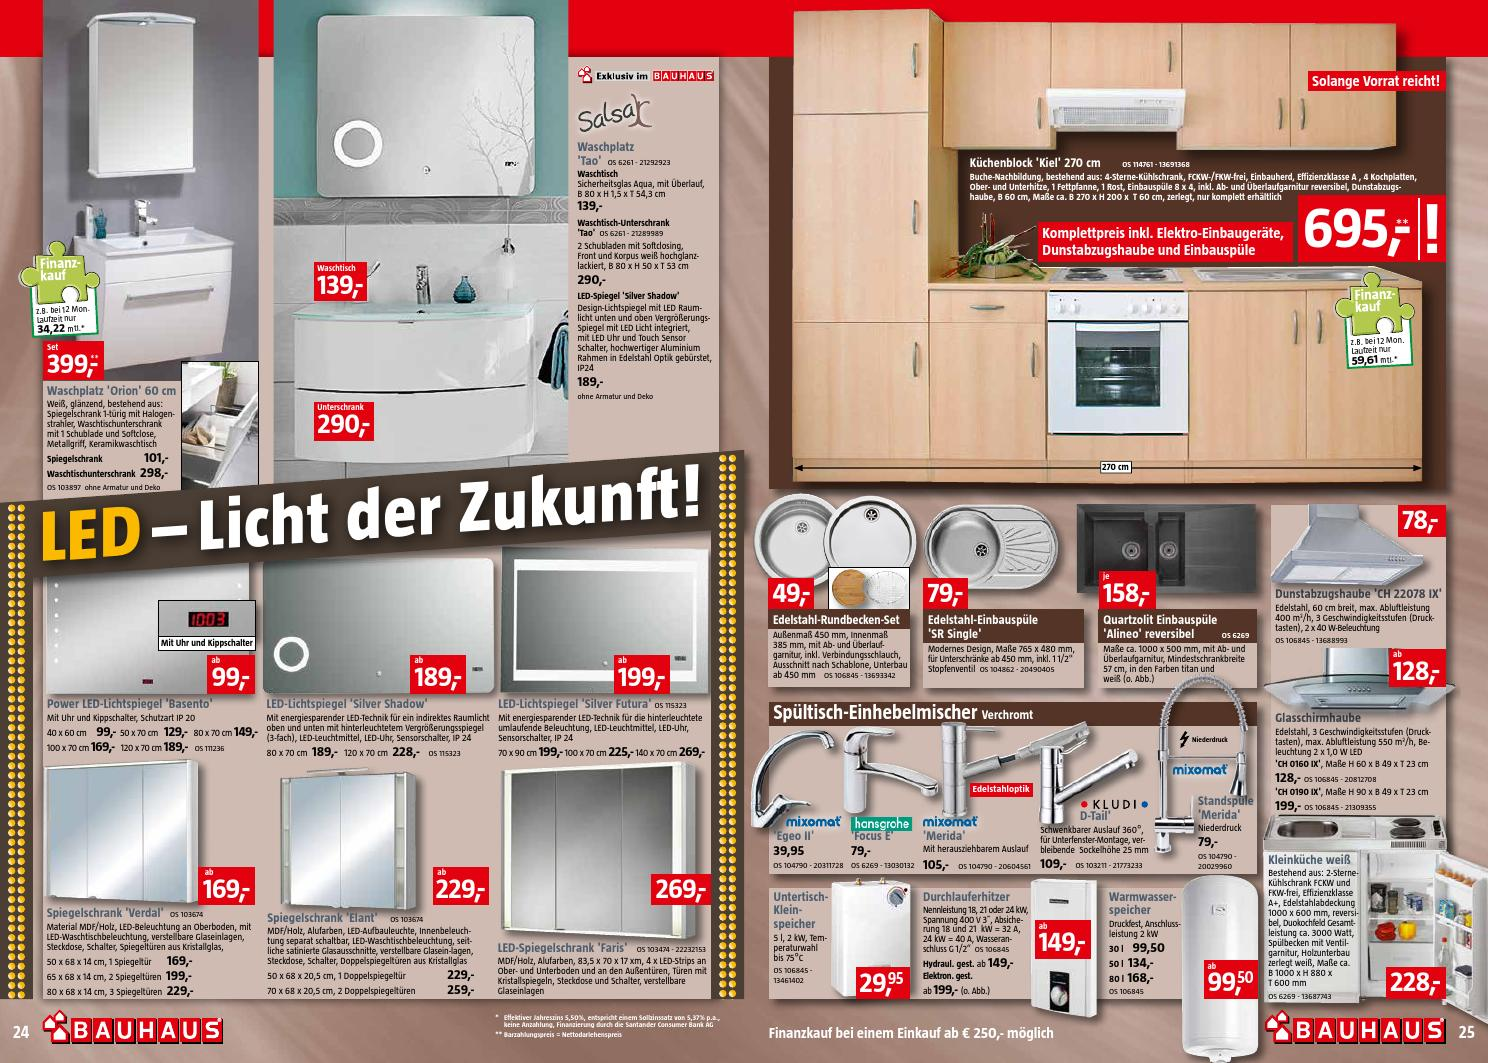 Bauhaus Küchenblock ~ bauhaus 28juli 28august2013 by promoprospekte de issuu